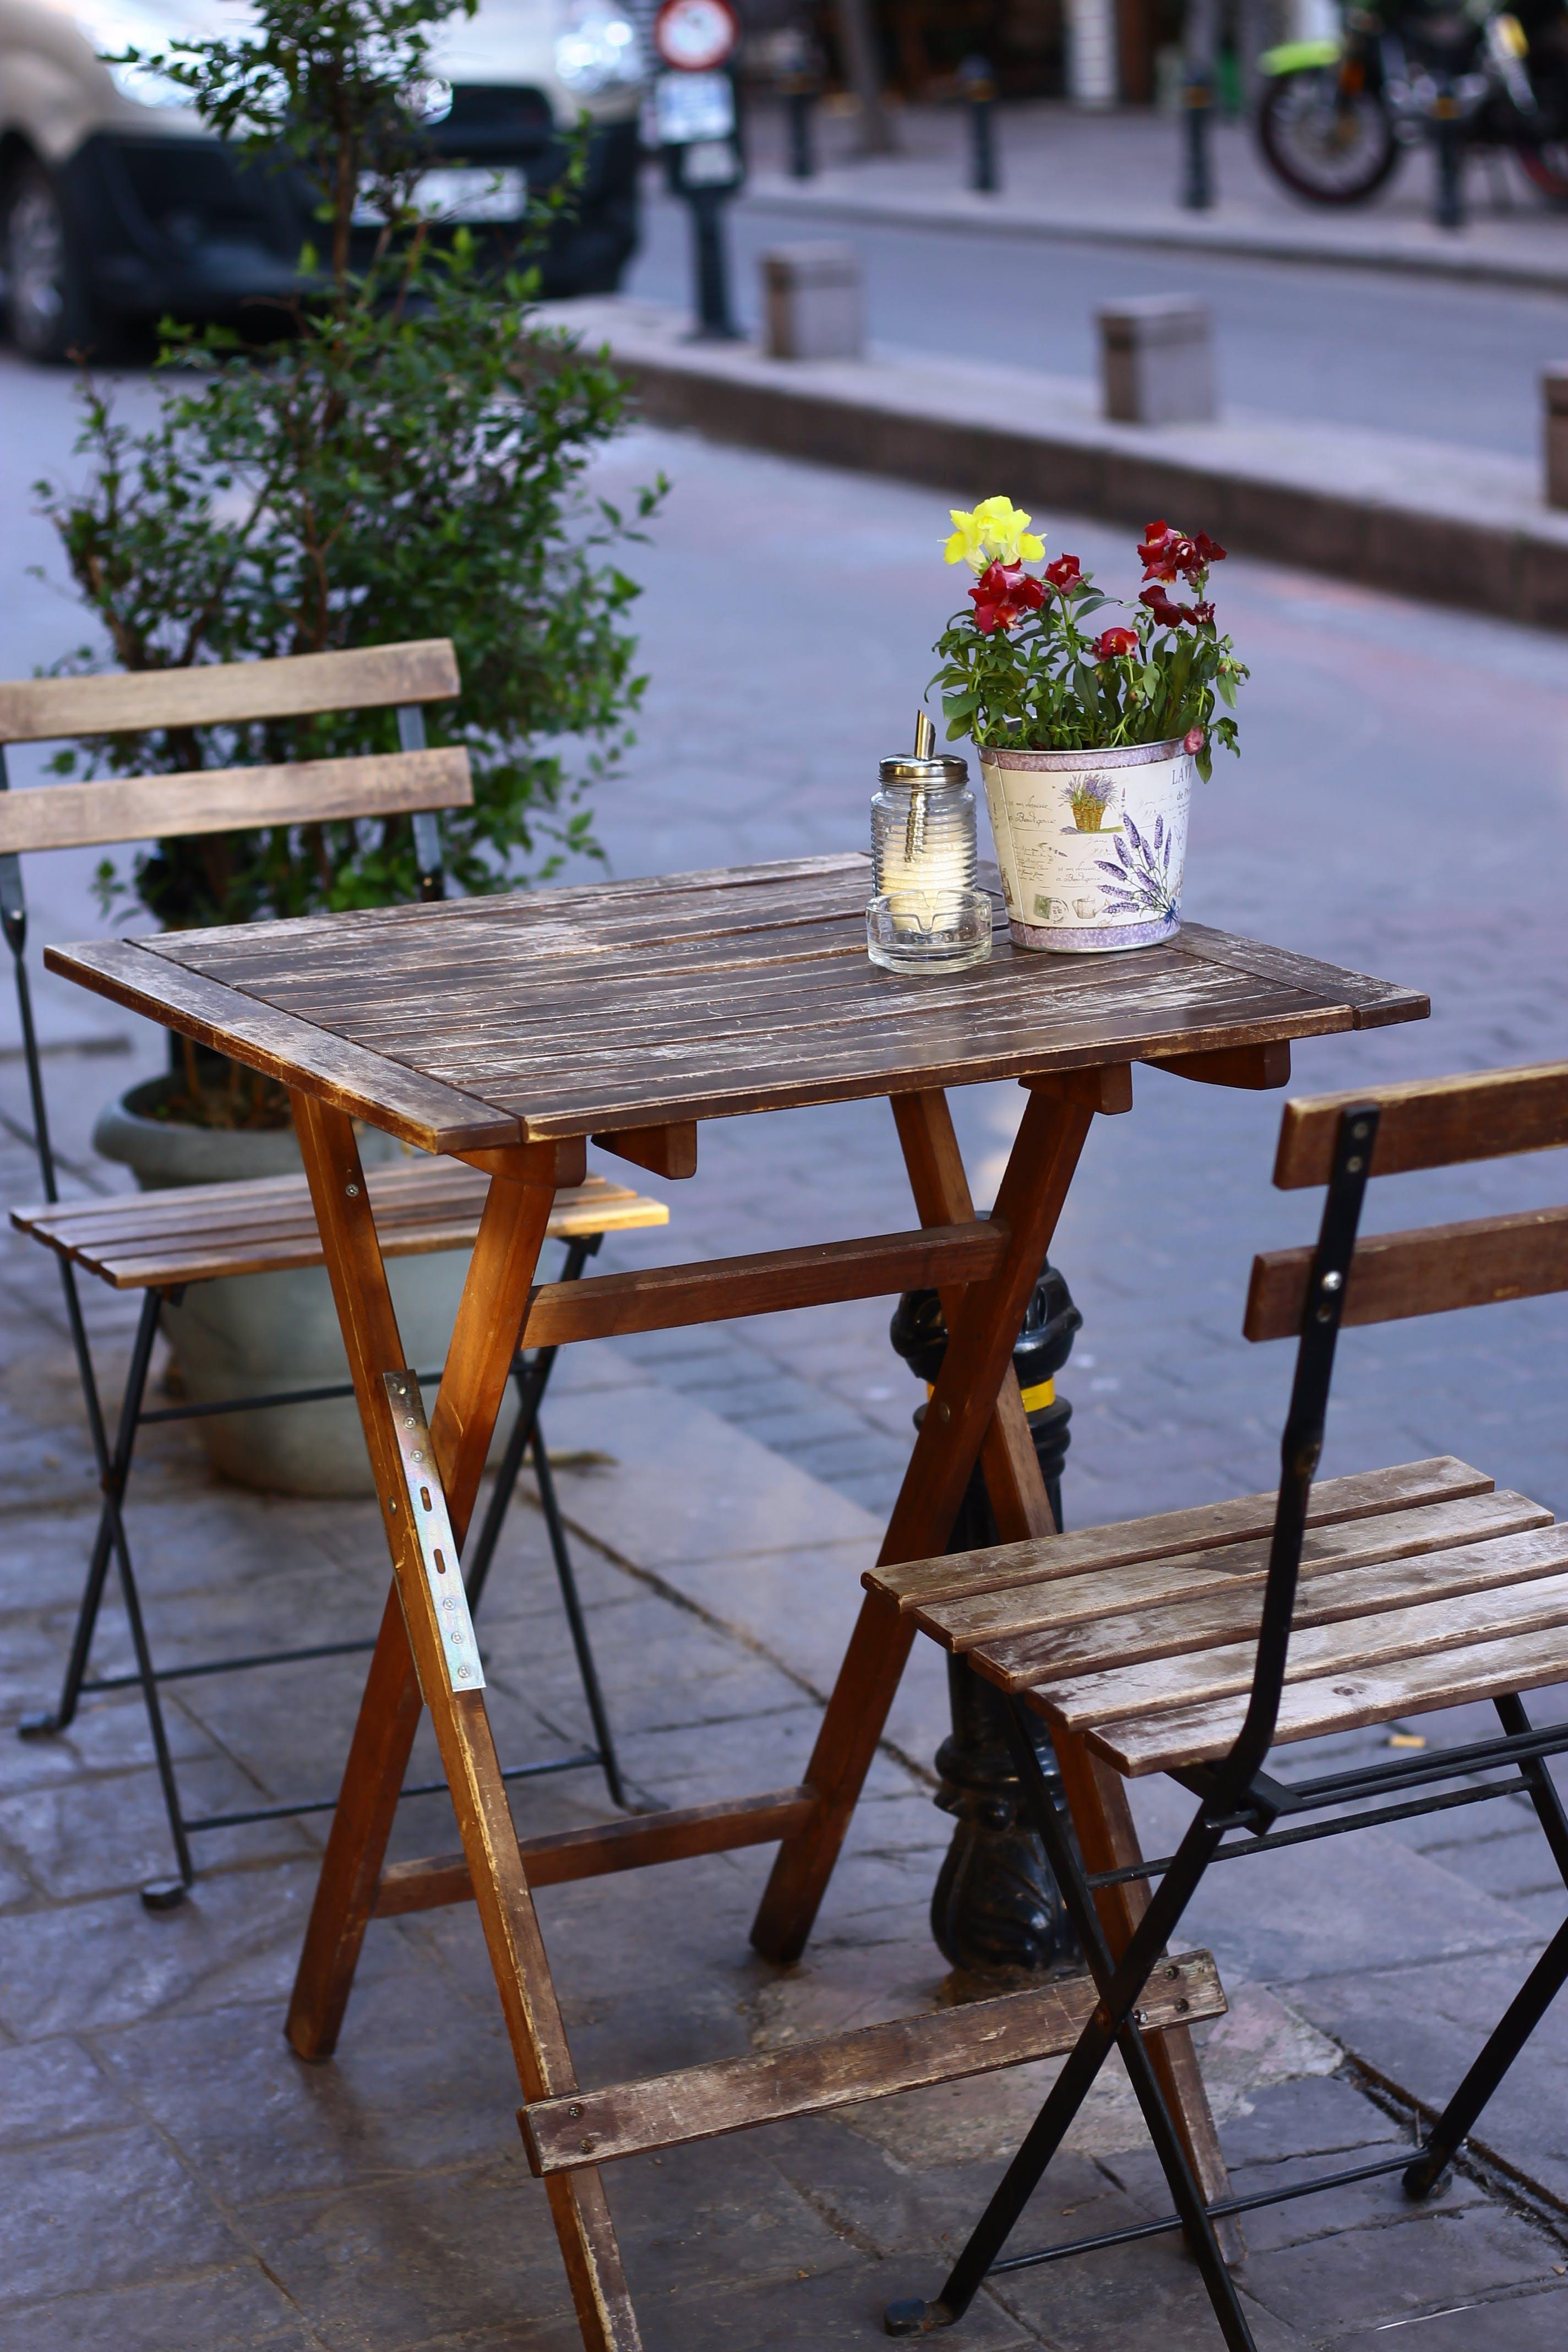 Foto d'estoc gratuïta de buit, cadires, carrer, carretera